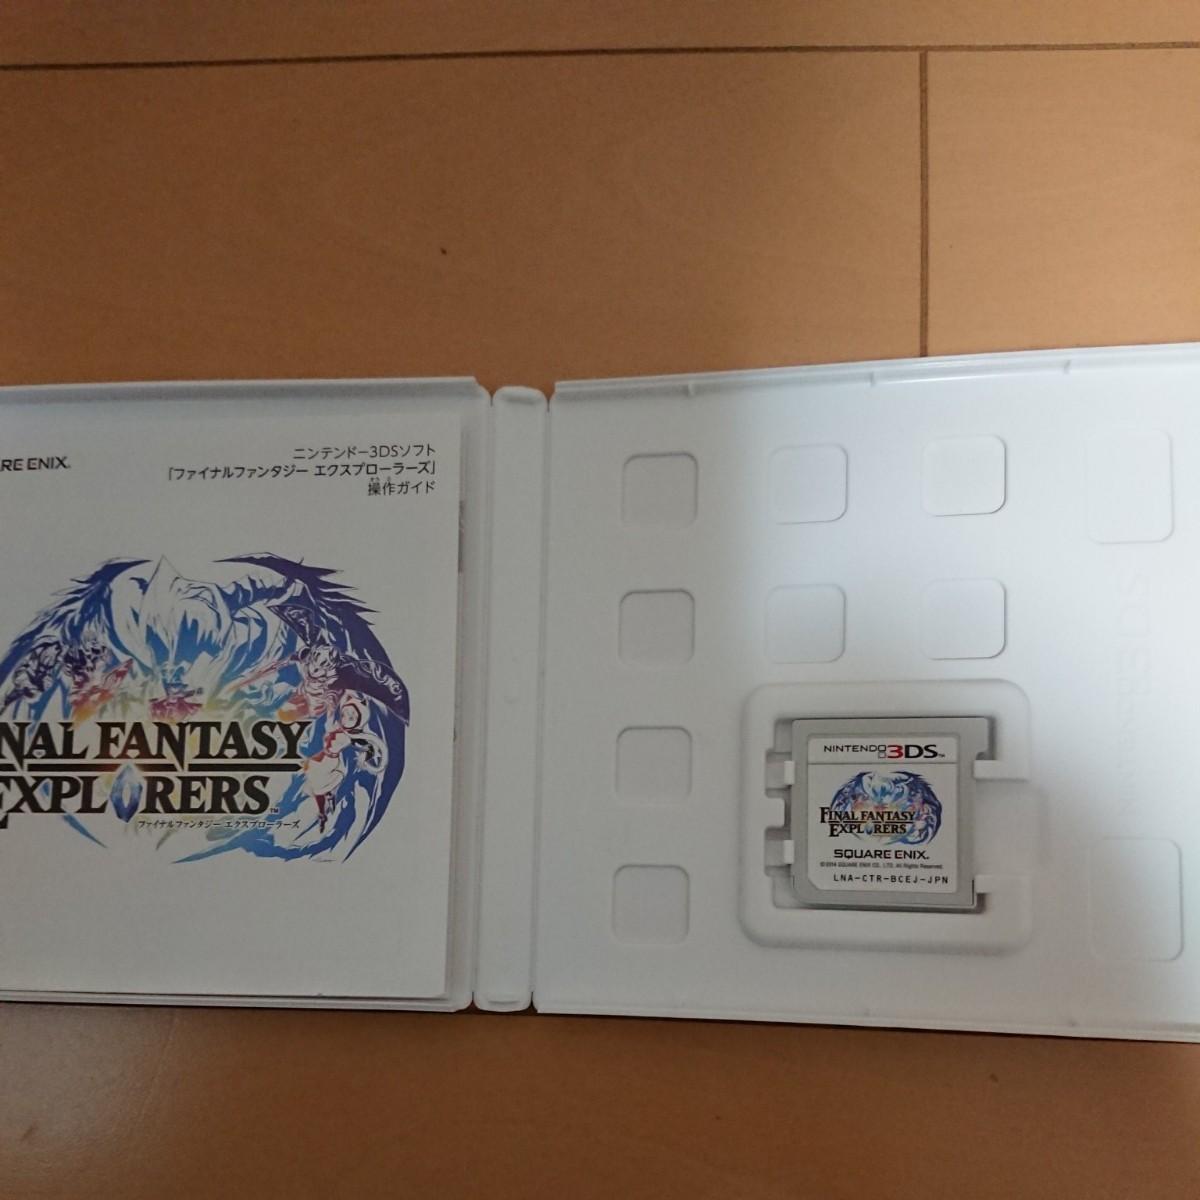 ファイナルファンタジーエクスプローラーズ 3DS